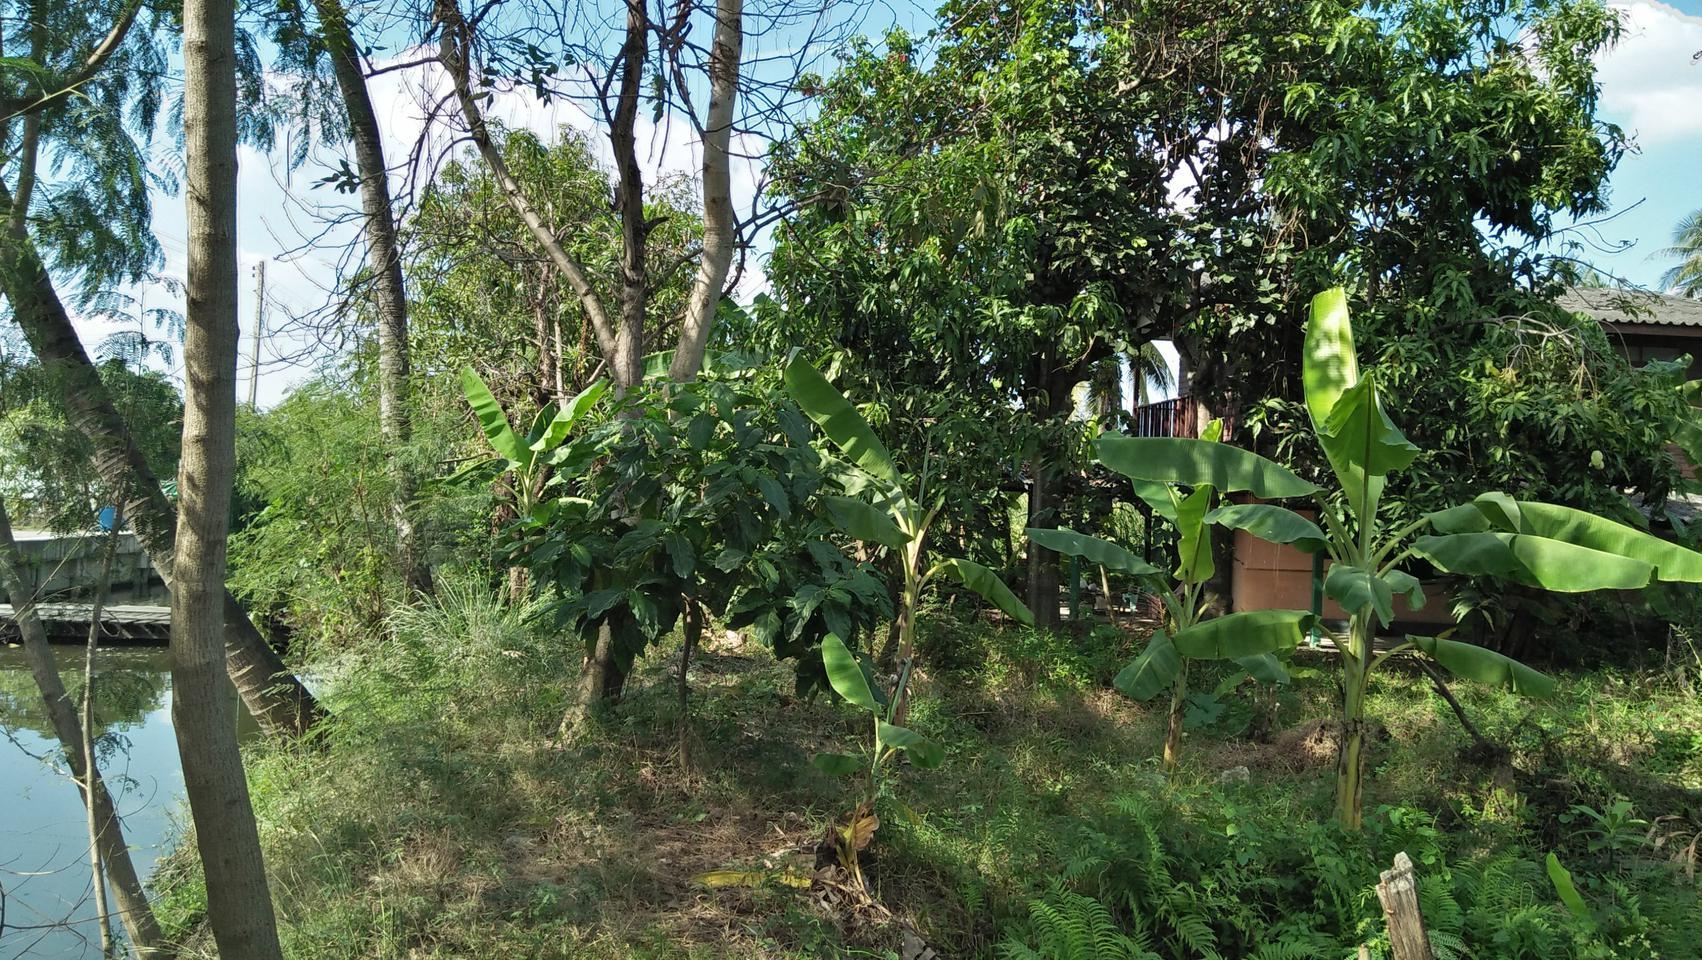 ขายที่ดินสวนไร่กว่า พุทธมณฑลสาย 5  บ้านสวนเหมาะทำเป็นโฮมสเตย รูปที่ 2